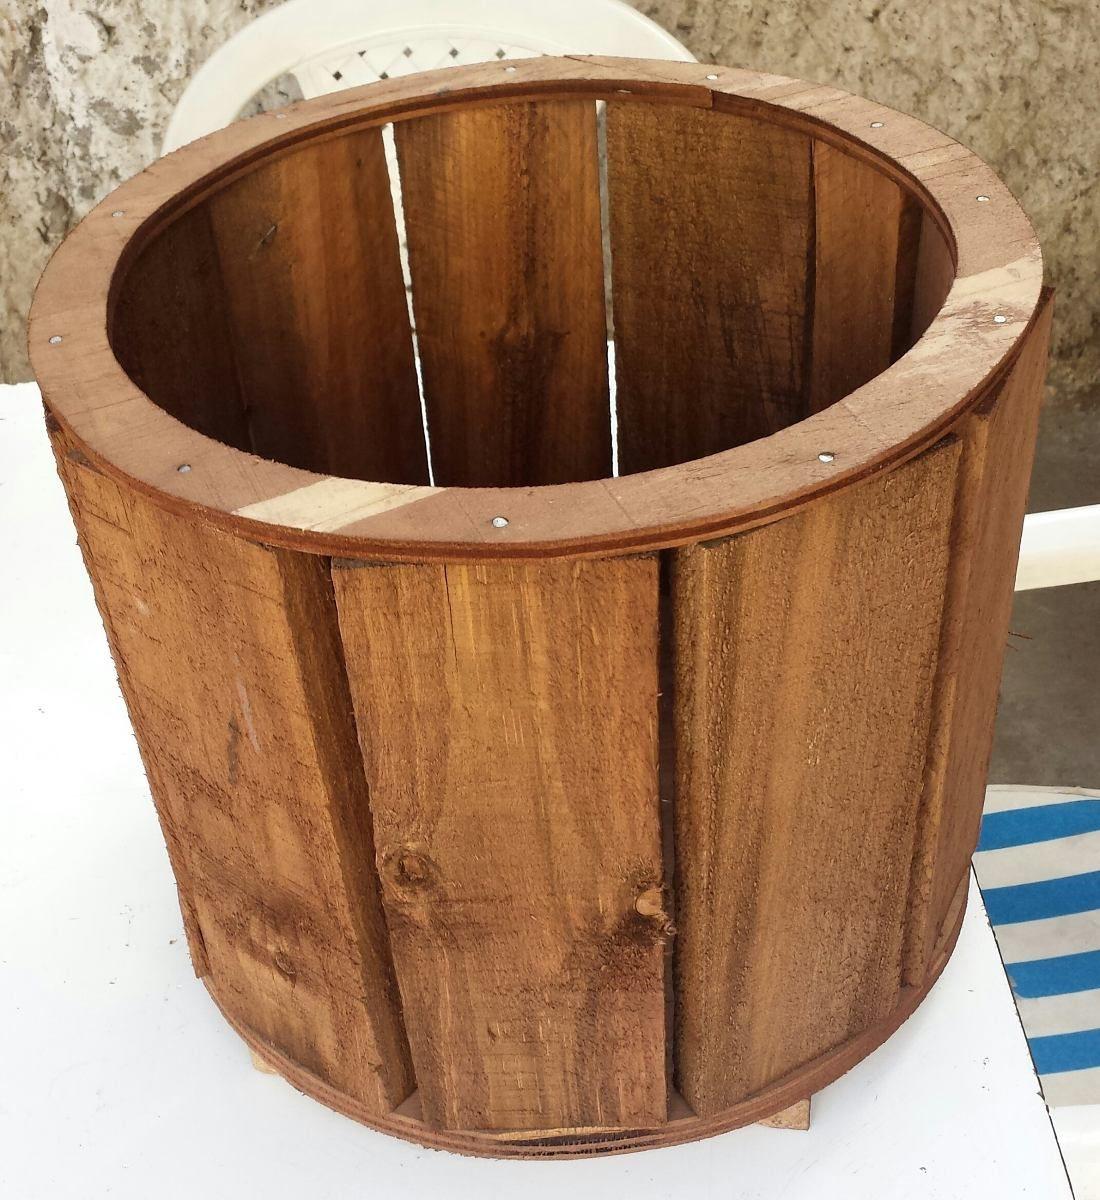 Maceteros de madera reciclable ideas para el hogar - Maceteros de madera ...